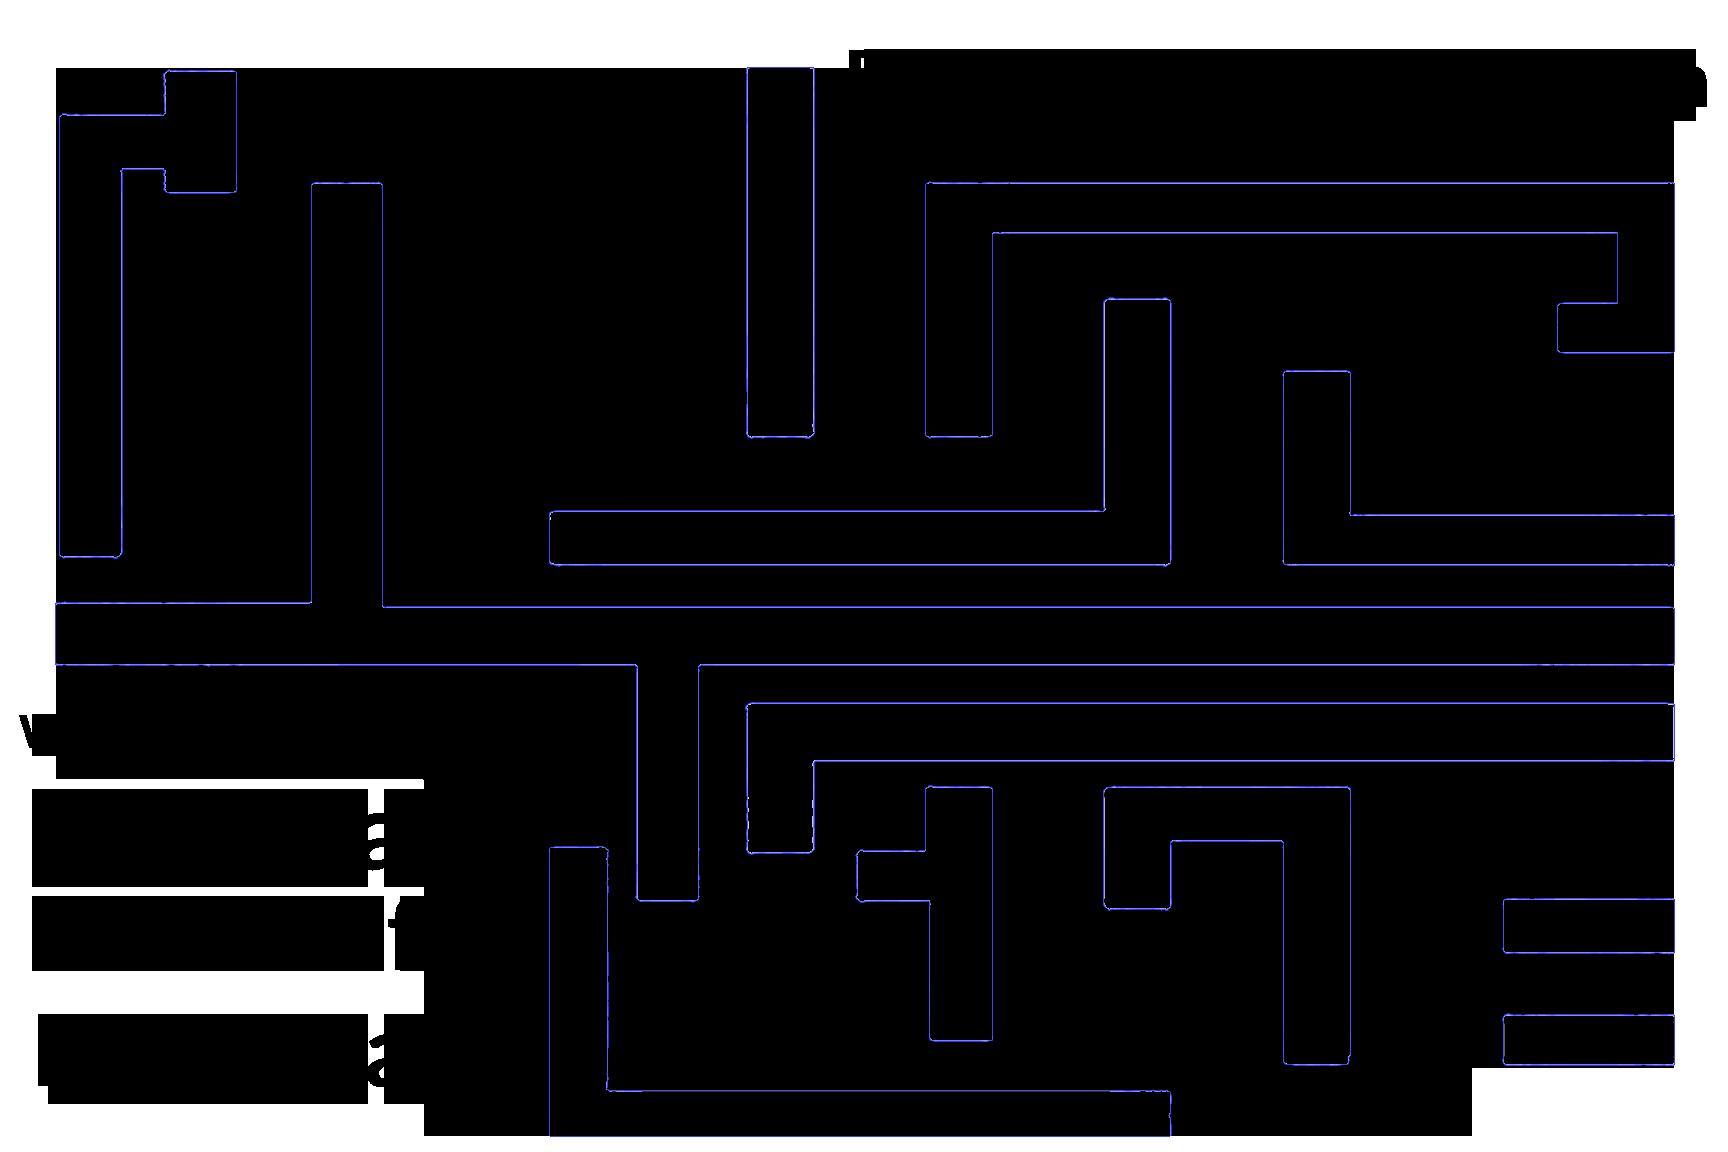 subwoofer-circuit-diagram